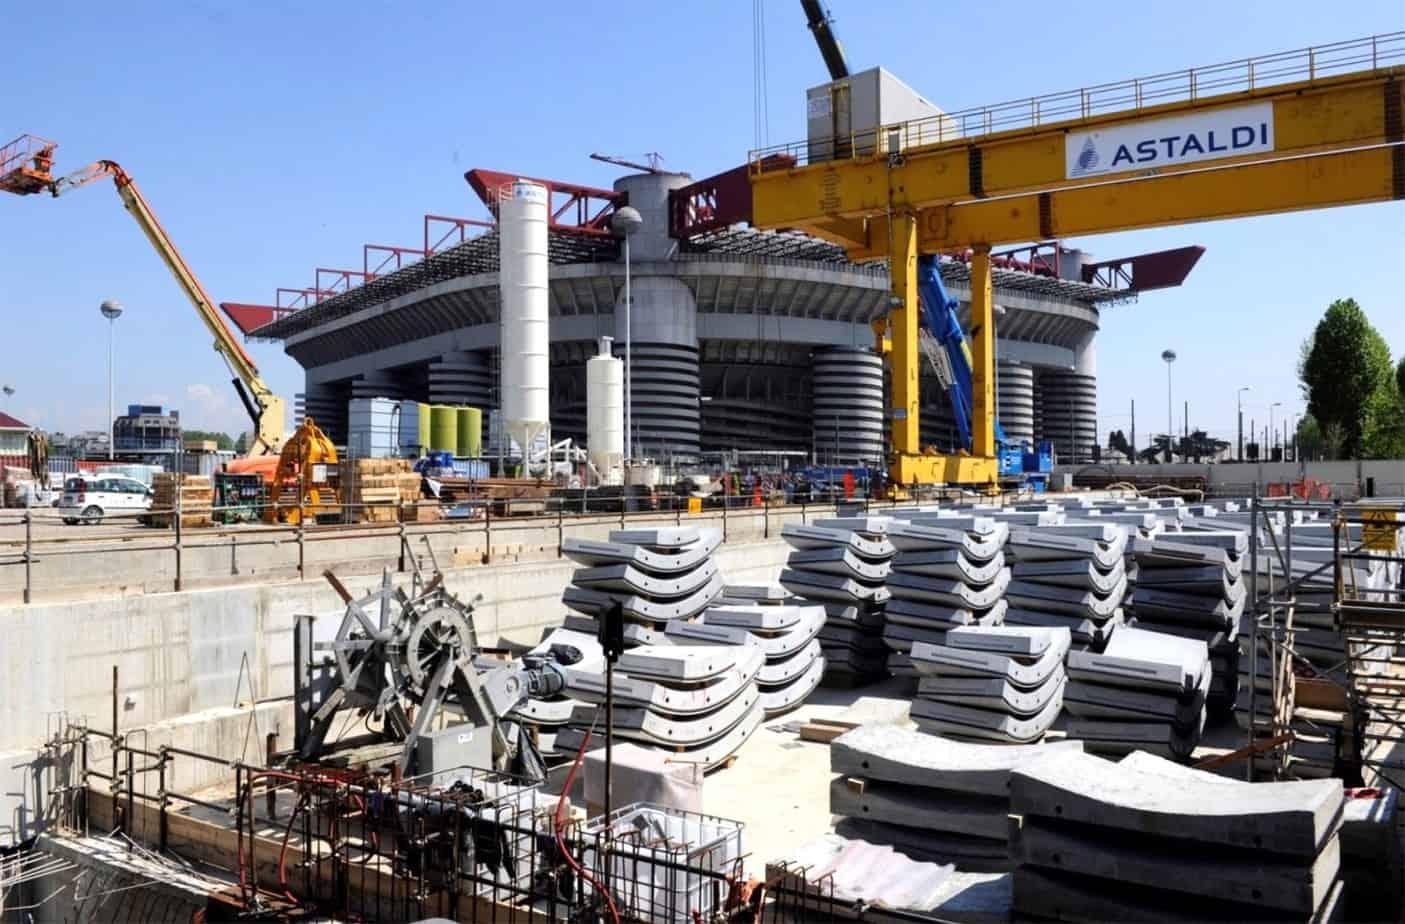 Il cantiere TBM industriale di San Siro